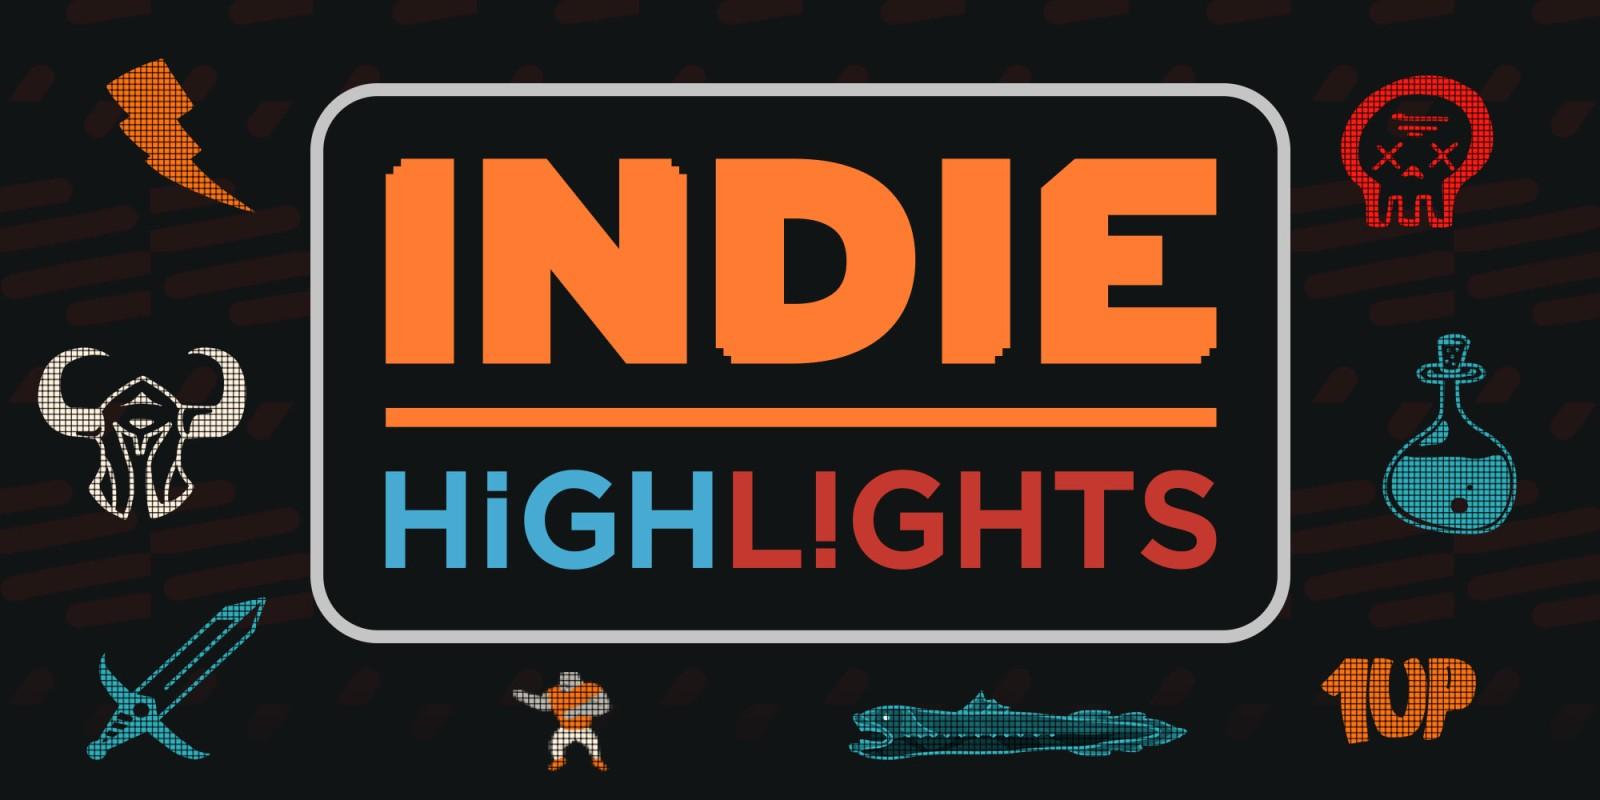 Estos son los juegos presentados en el Indie Highlights de Nintendo Switch